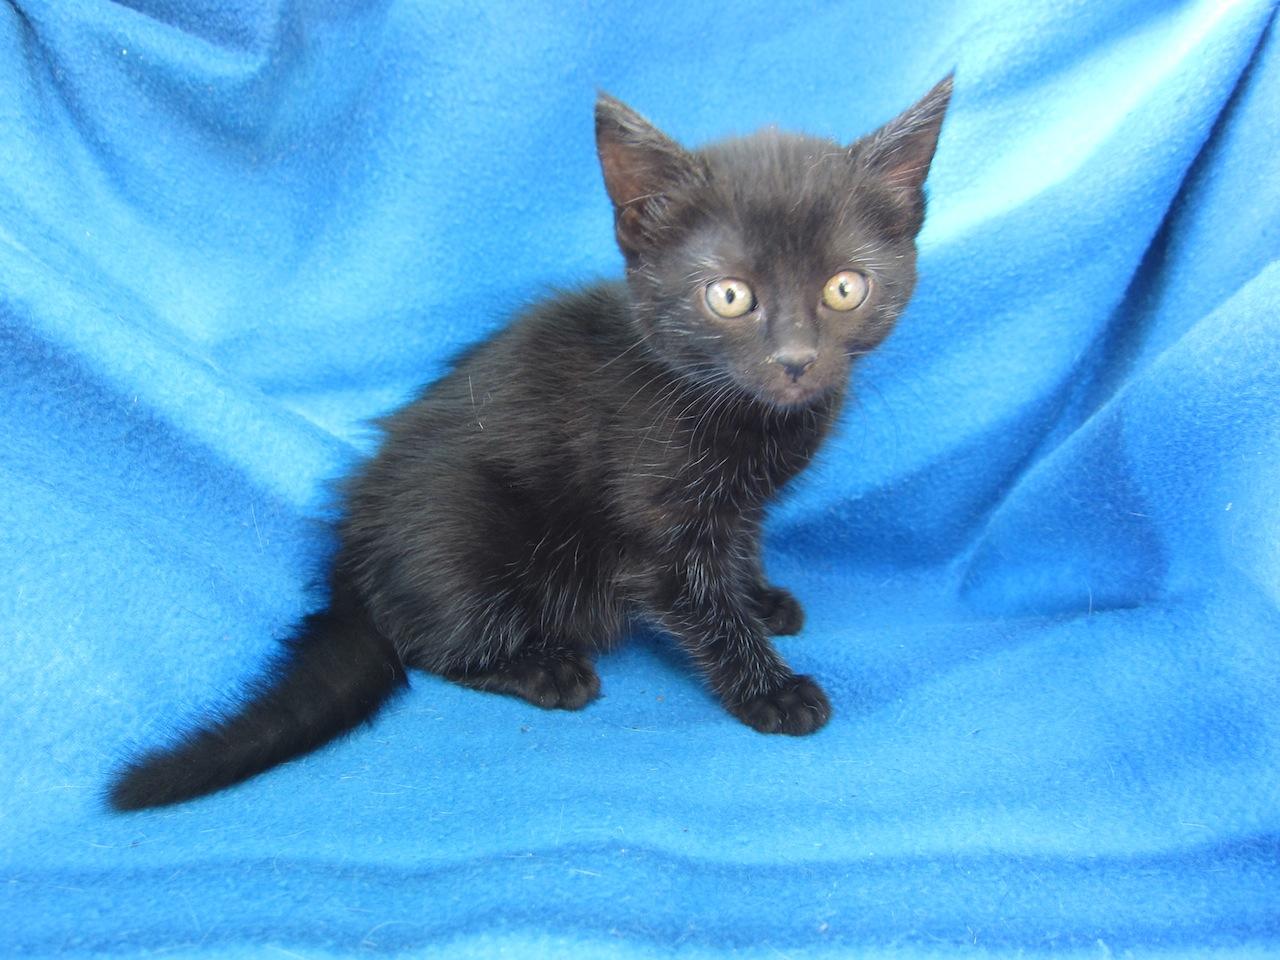 JOELINE - Née le 10/06/2014 - Adoptée en décembre 2014